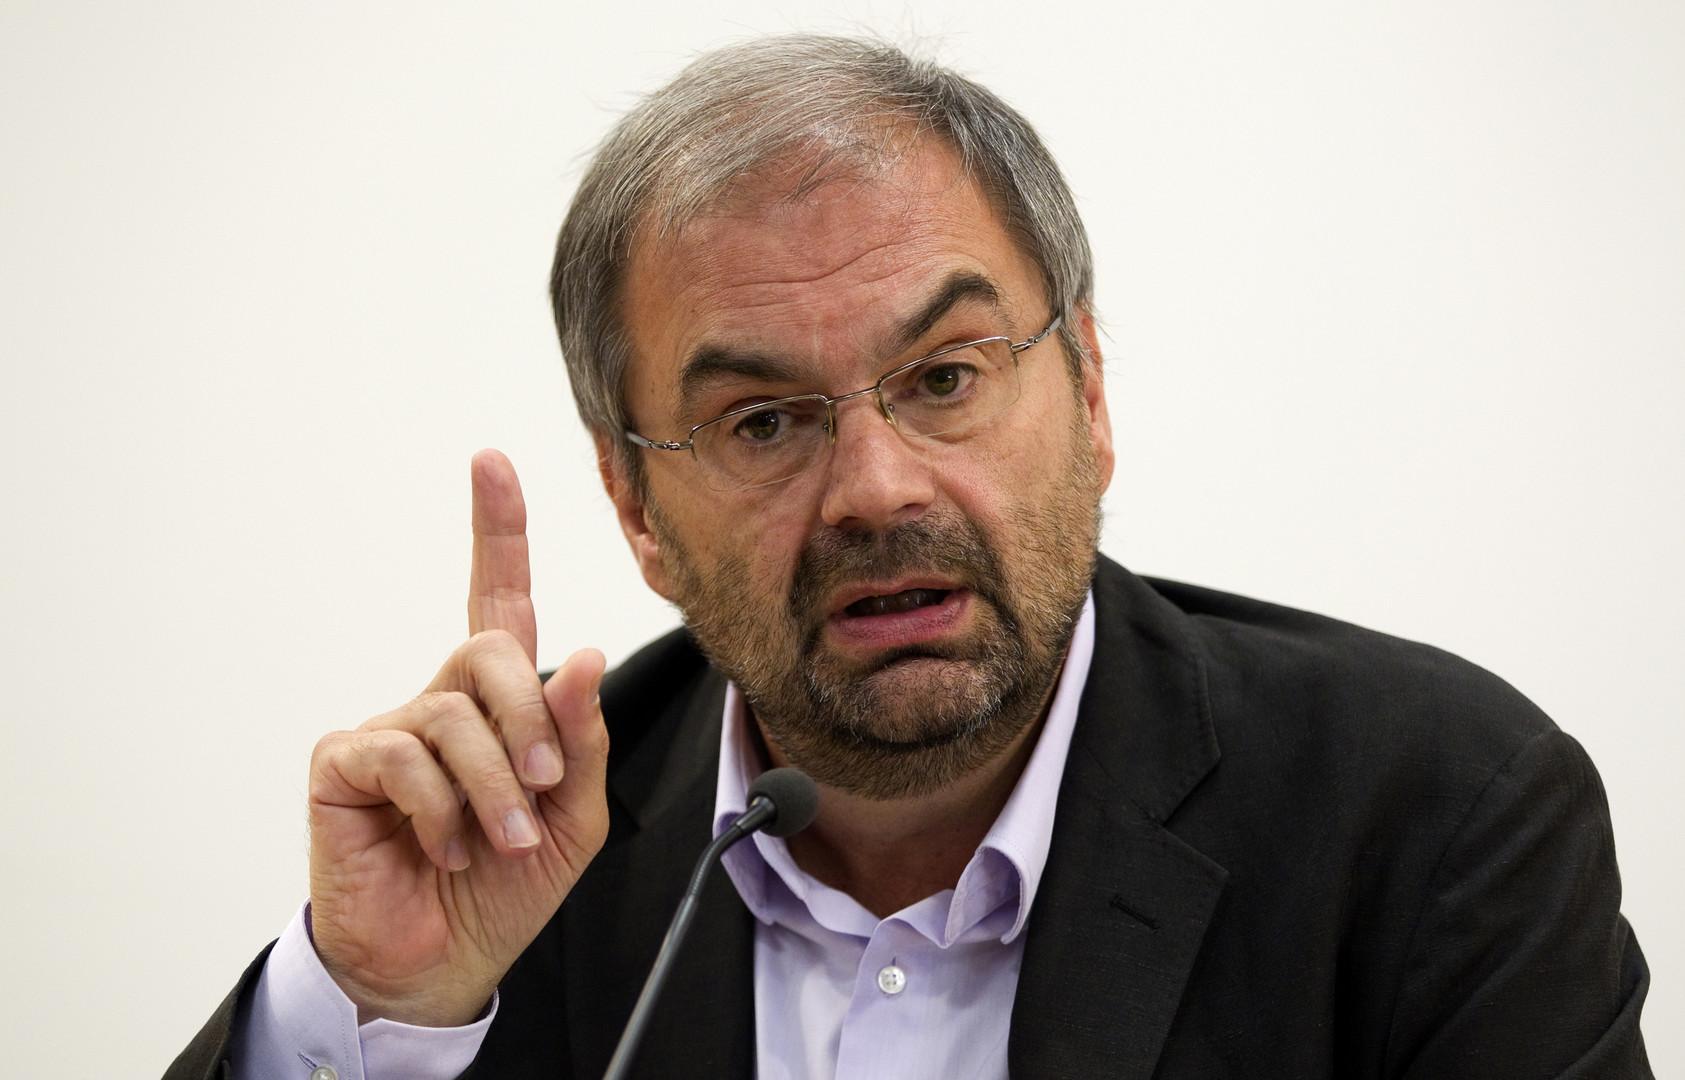 Le secrétaire général de la CFDT, François Chérèque